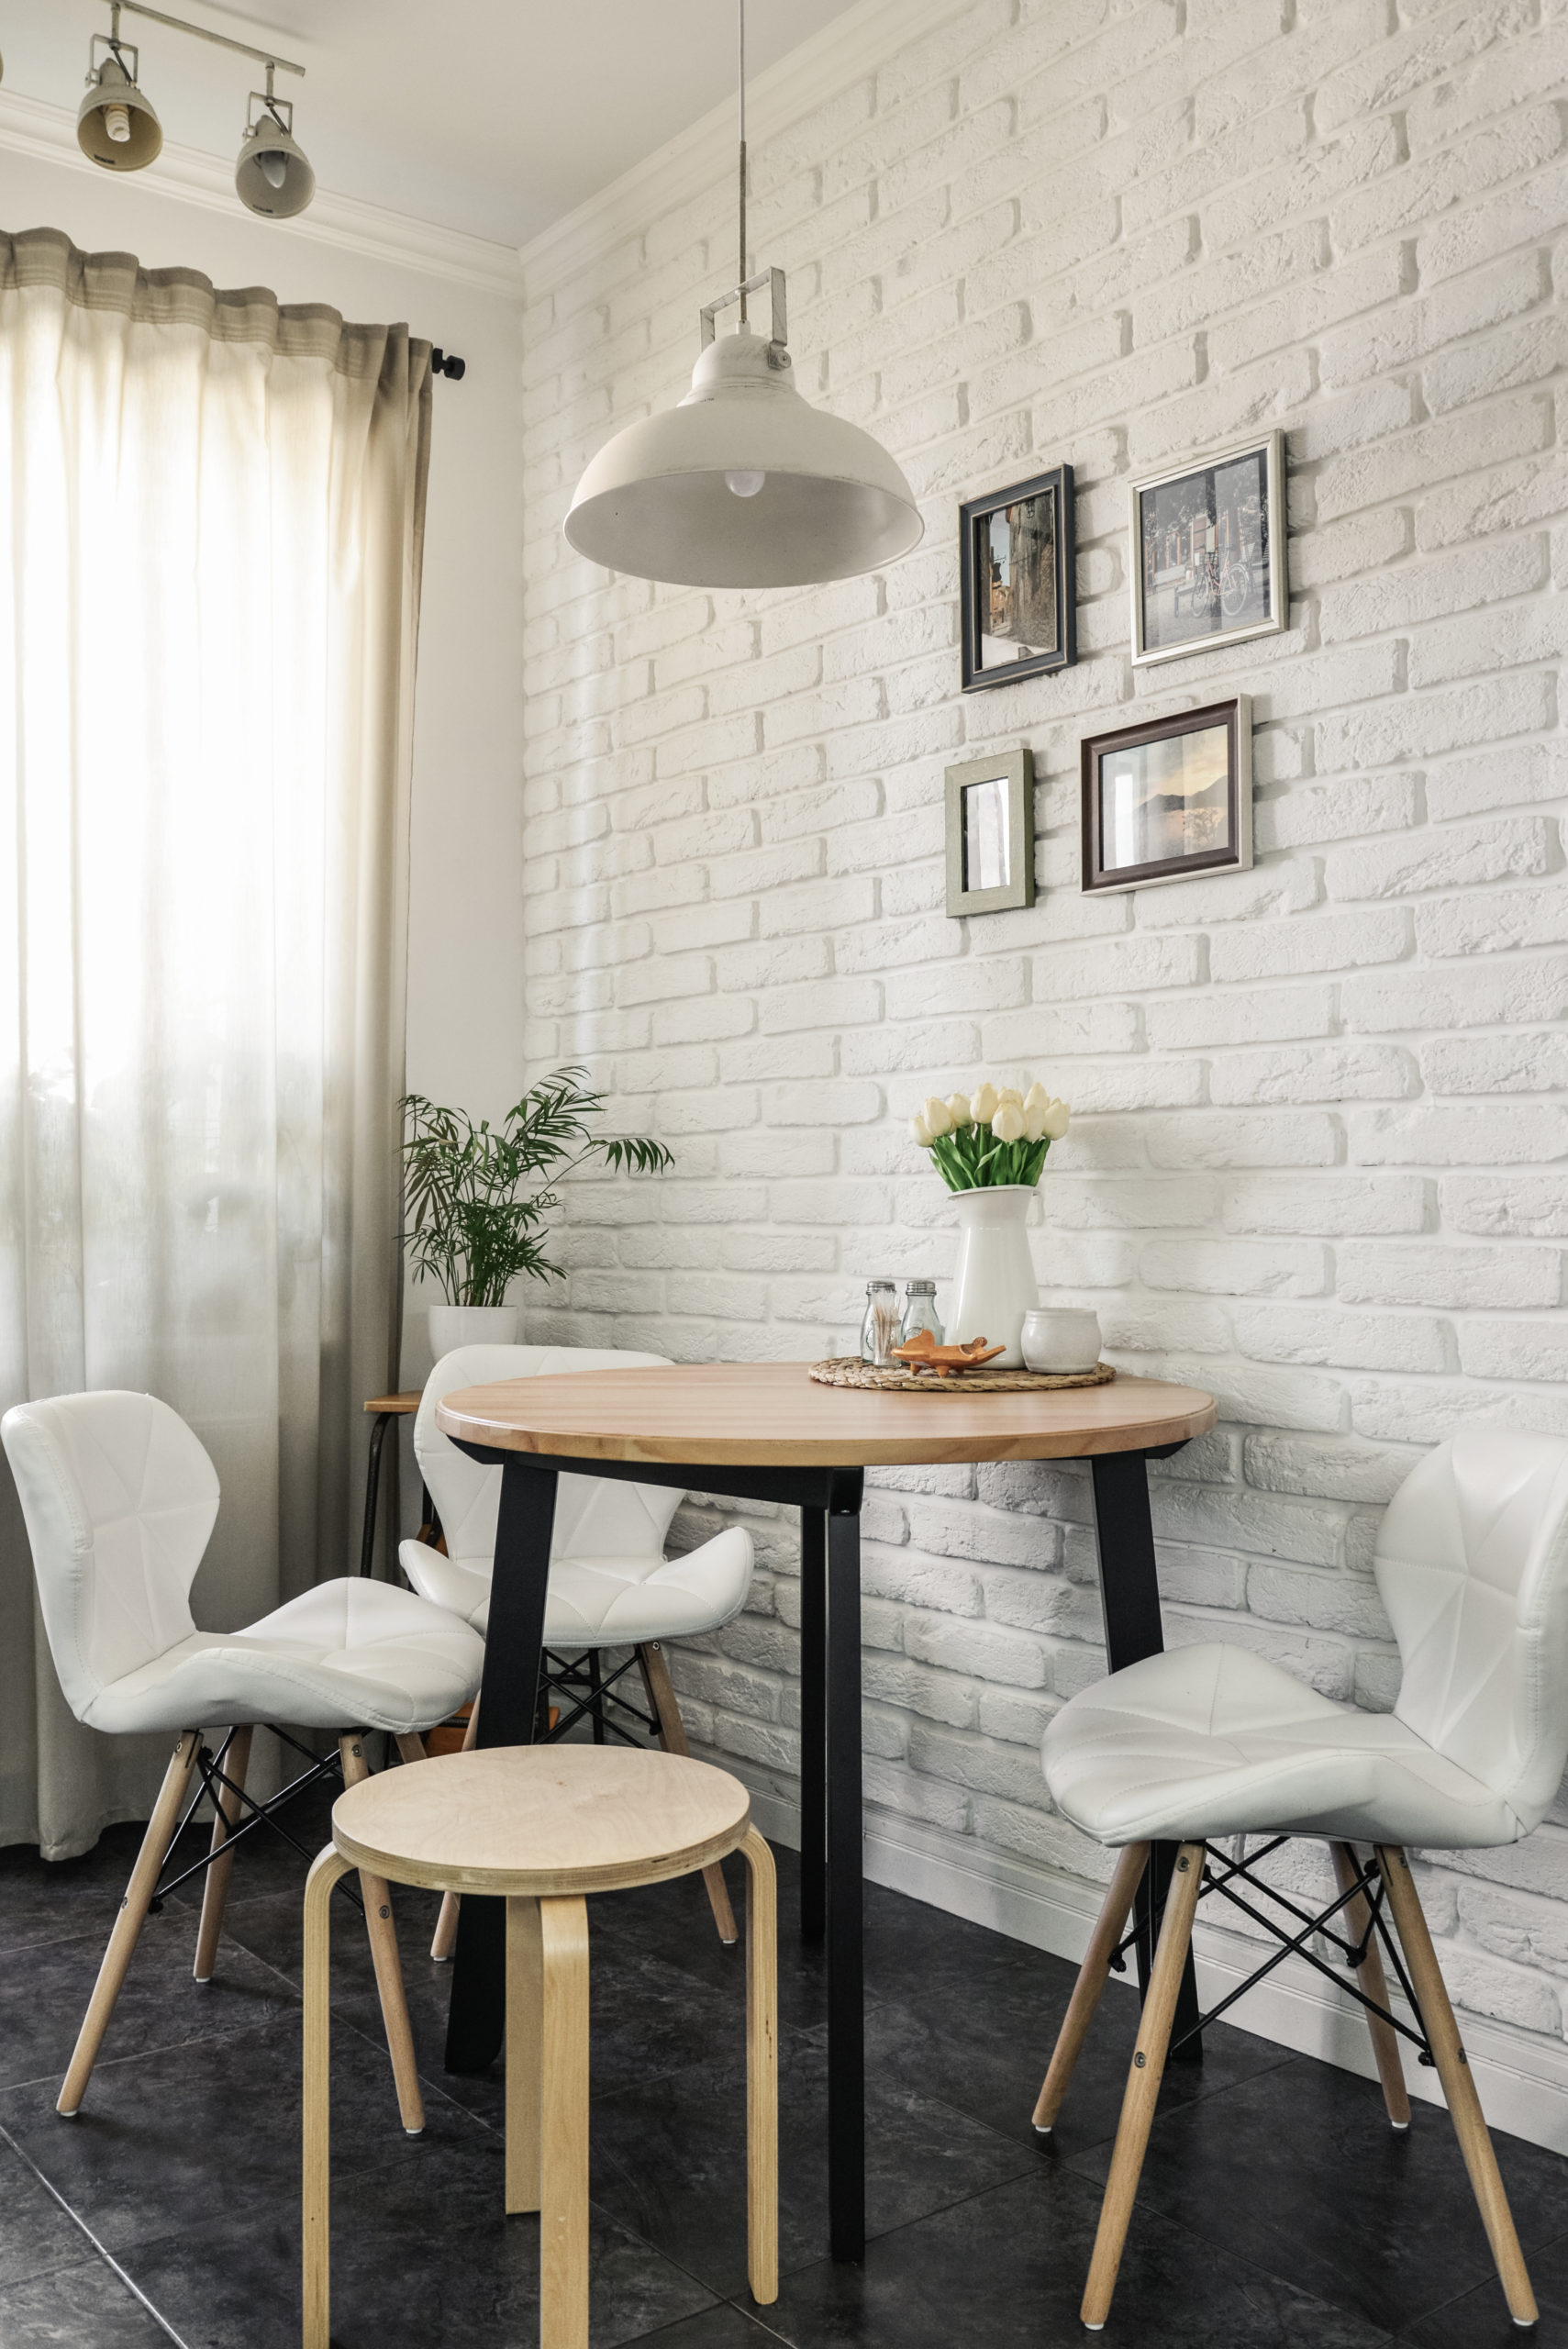 Zen-Ambiente ist die Kombination aus hochwertigen Möbelstücken, funktionalem Design und komfortablen Nutzen.